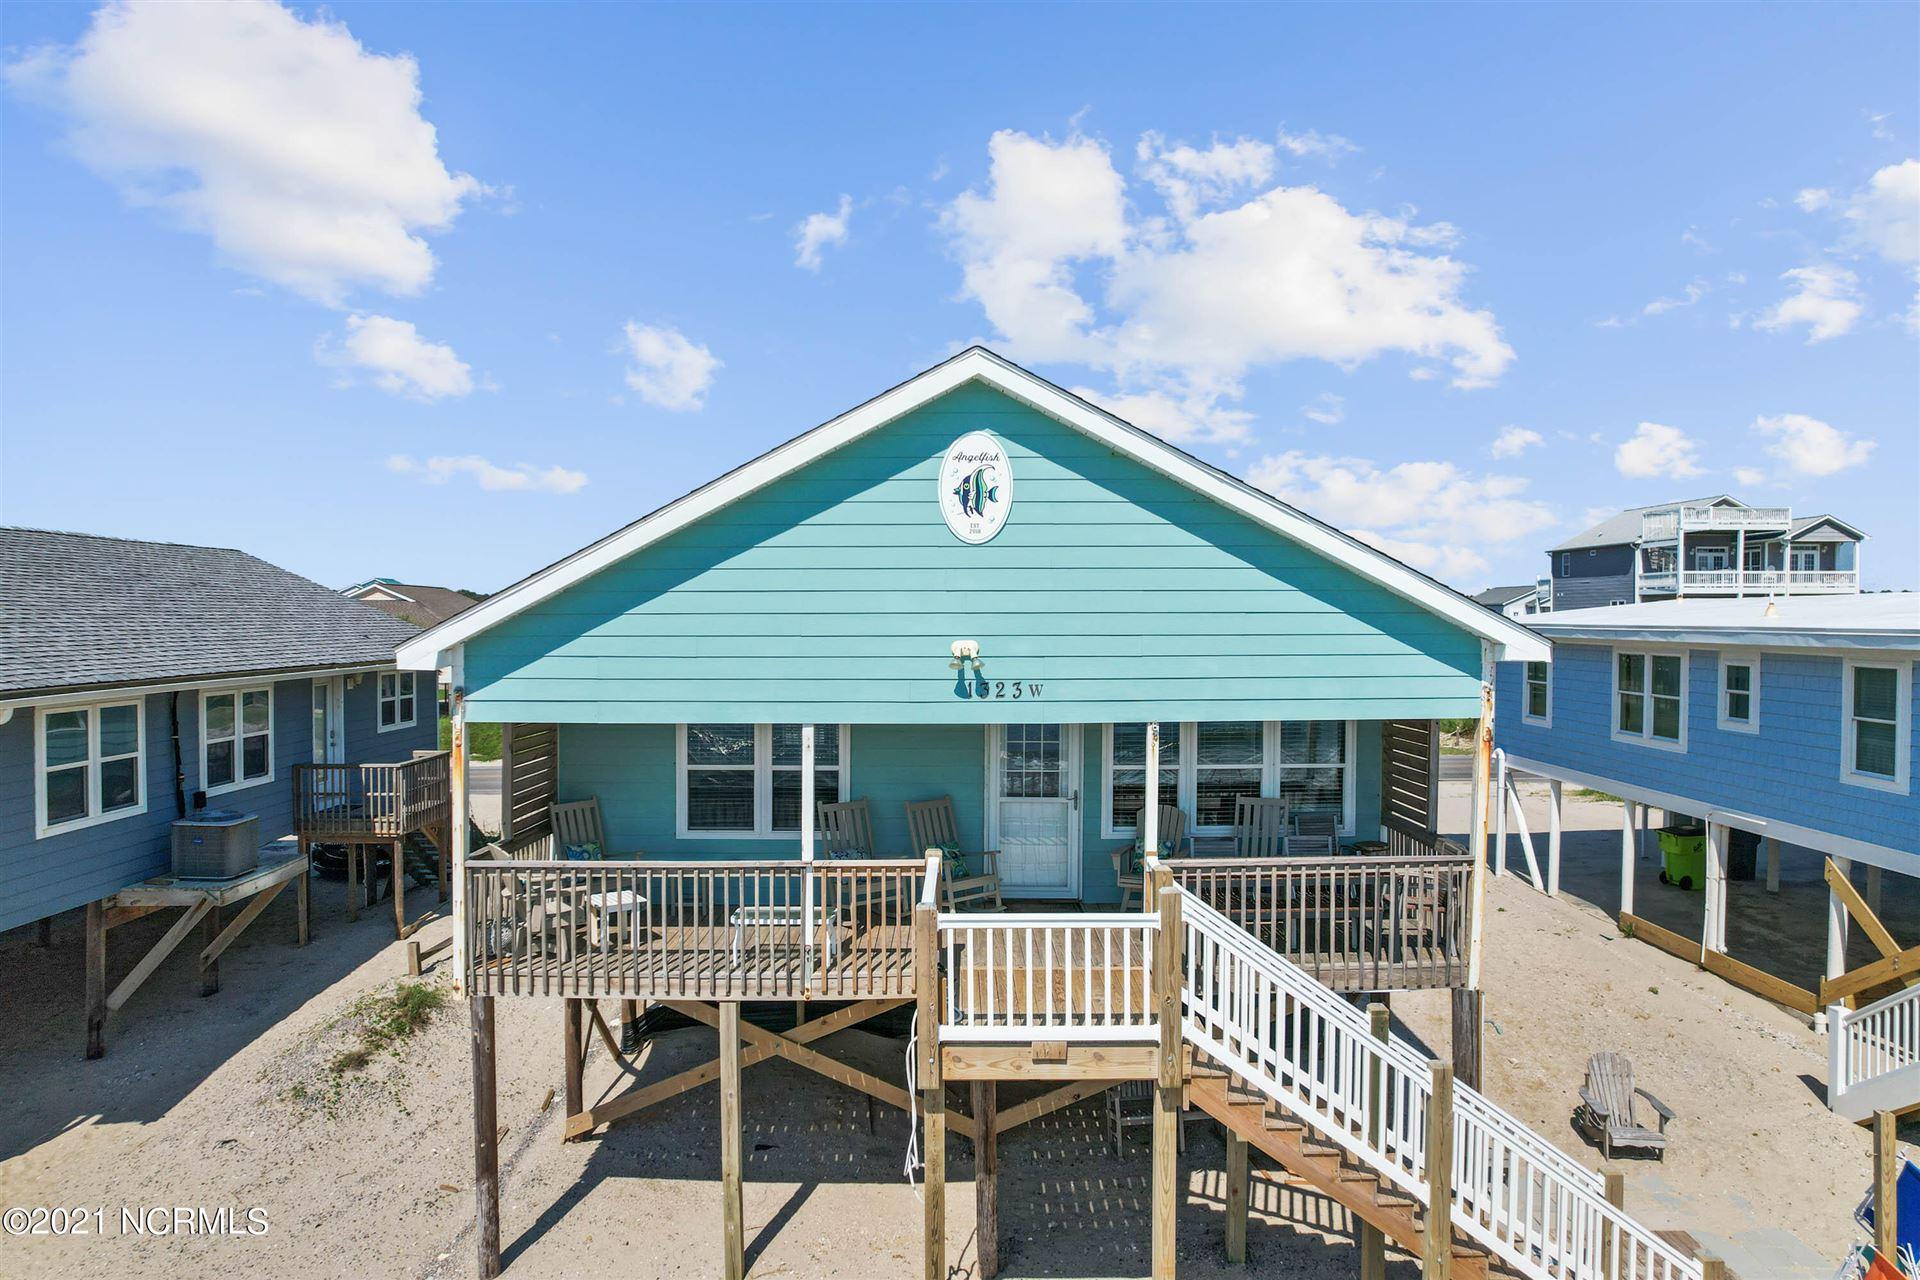 Photo of 1323 W Beach Drive, Oak Island, NC 28465 (MLS # 100293636)